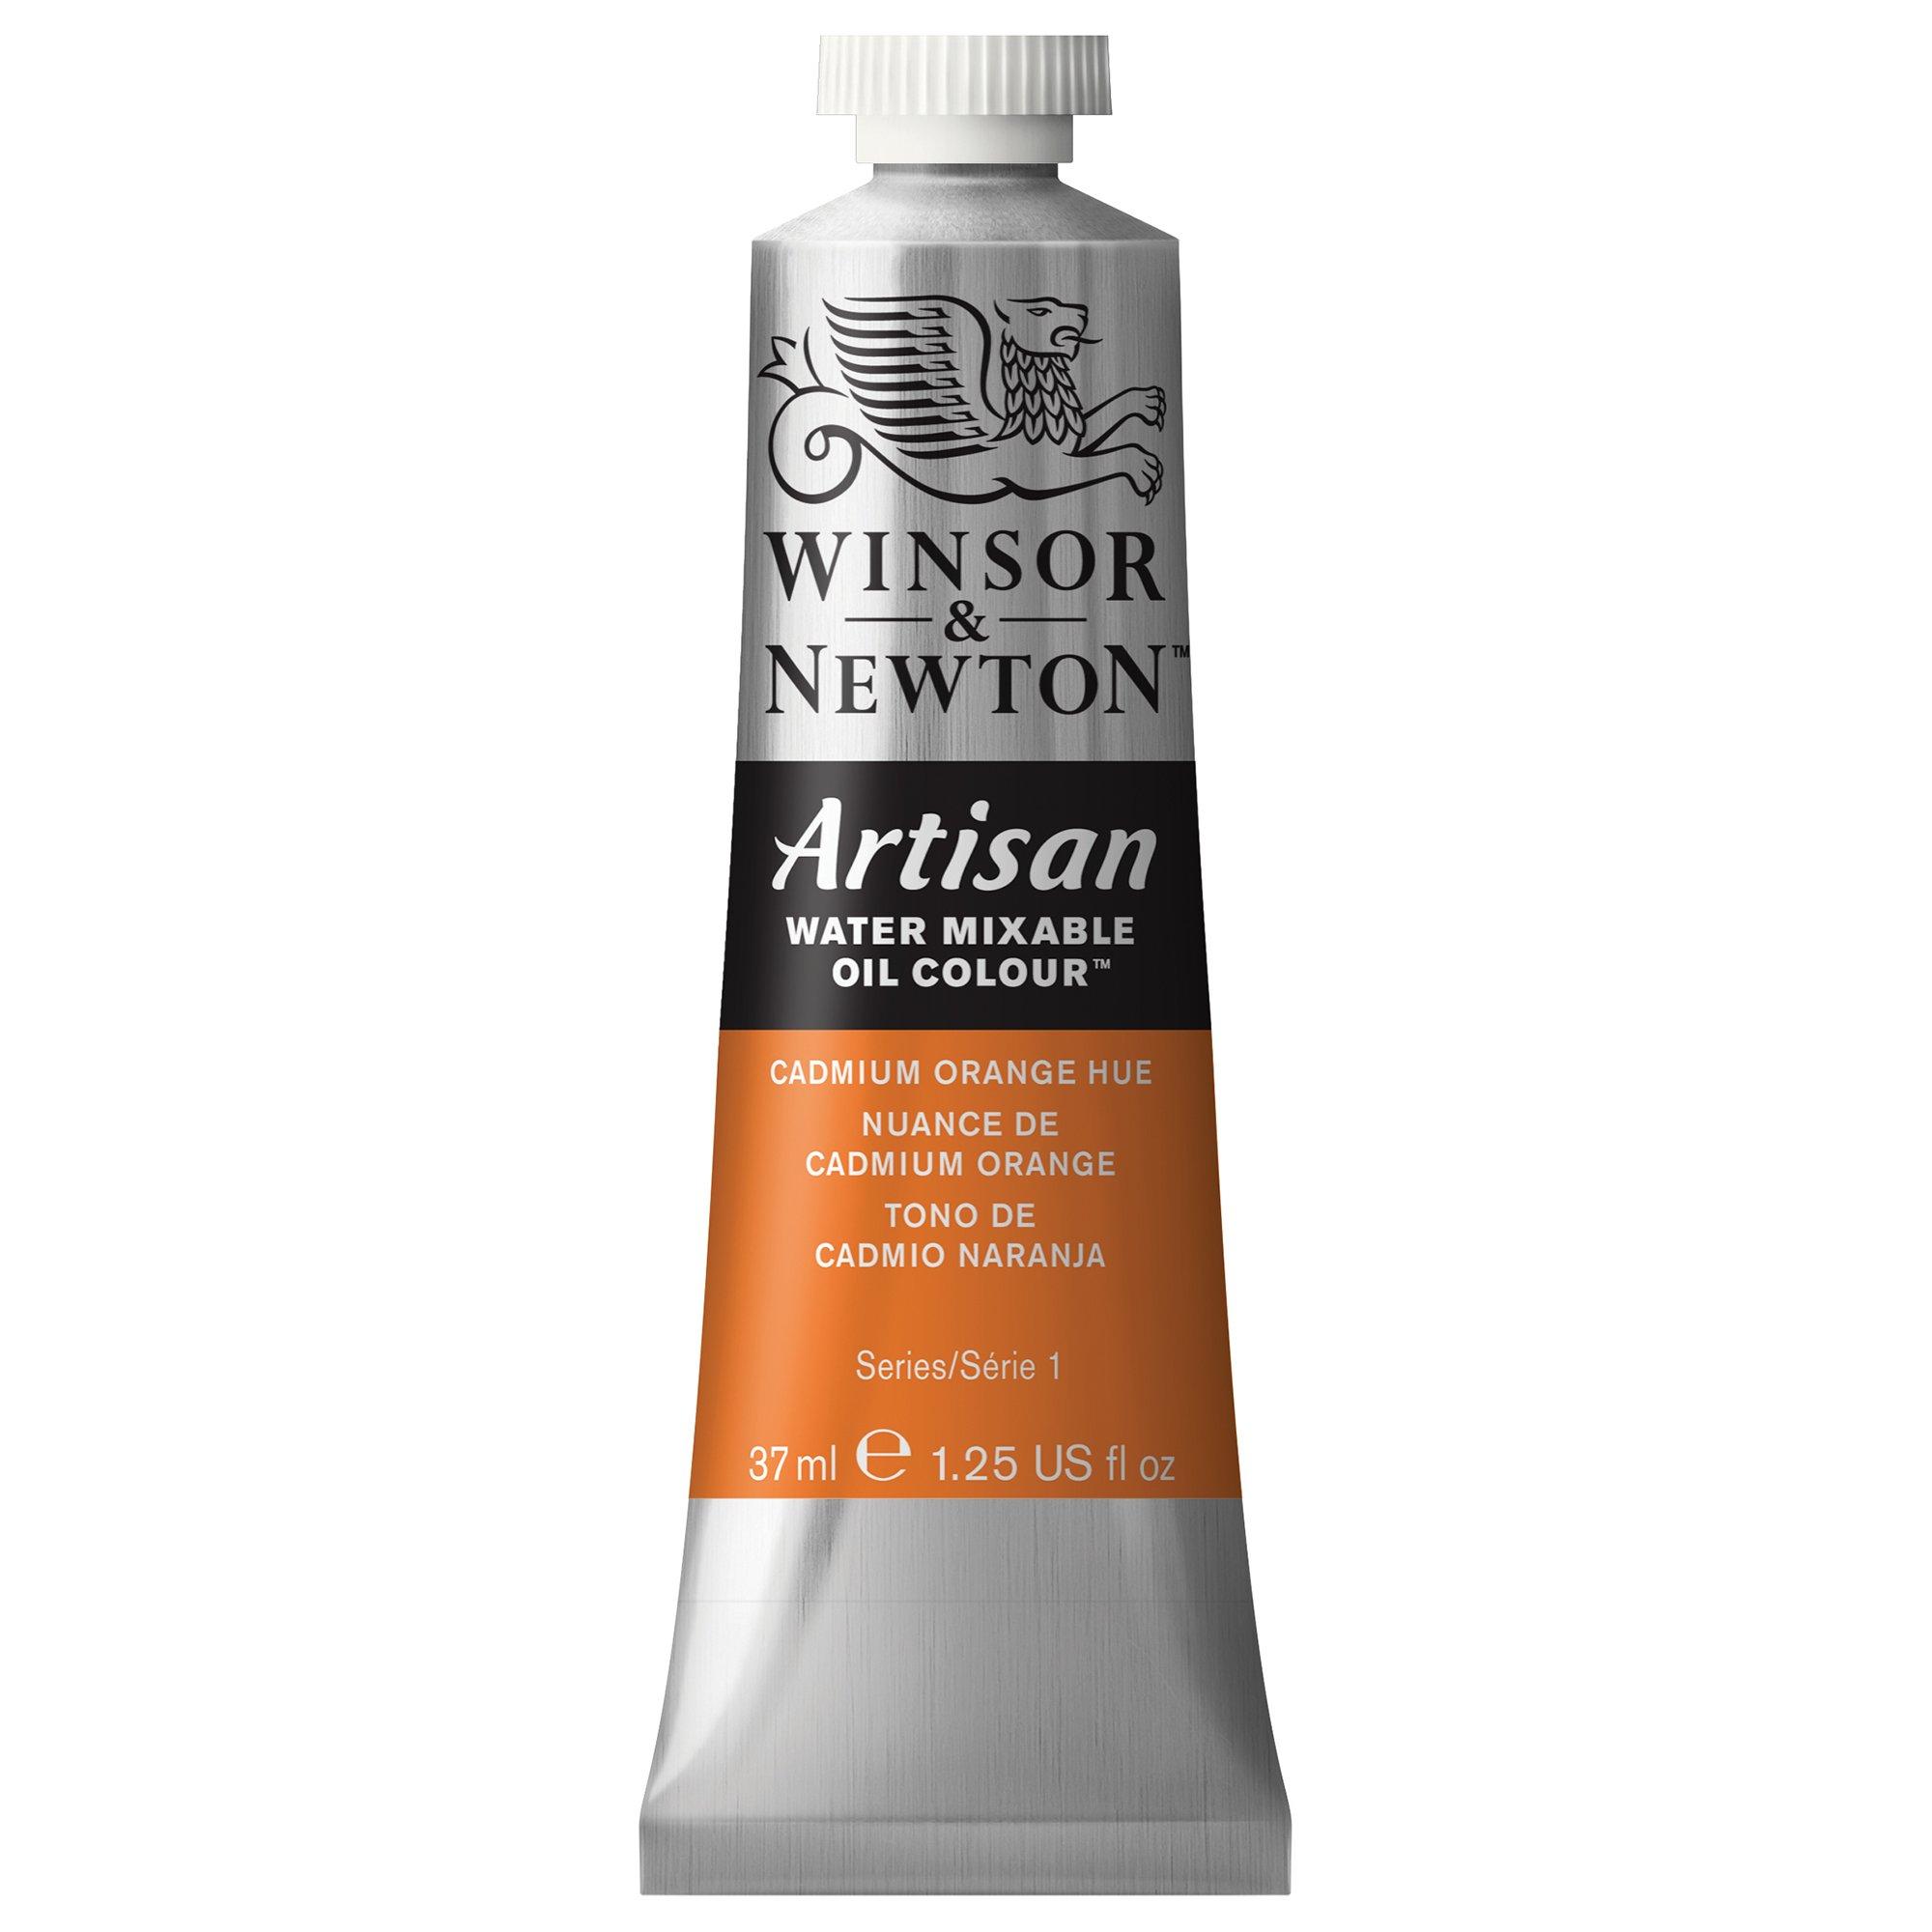 Winsor & Newton 1514090 Artisan Water Mixable Oil Colour, 37ml Tube, Cadmium Orange Hue, 37-ml